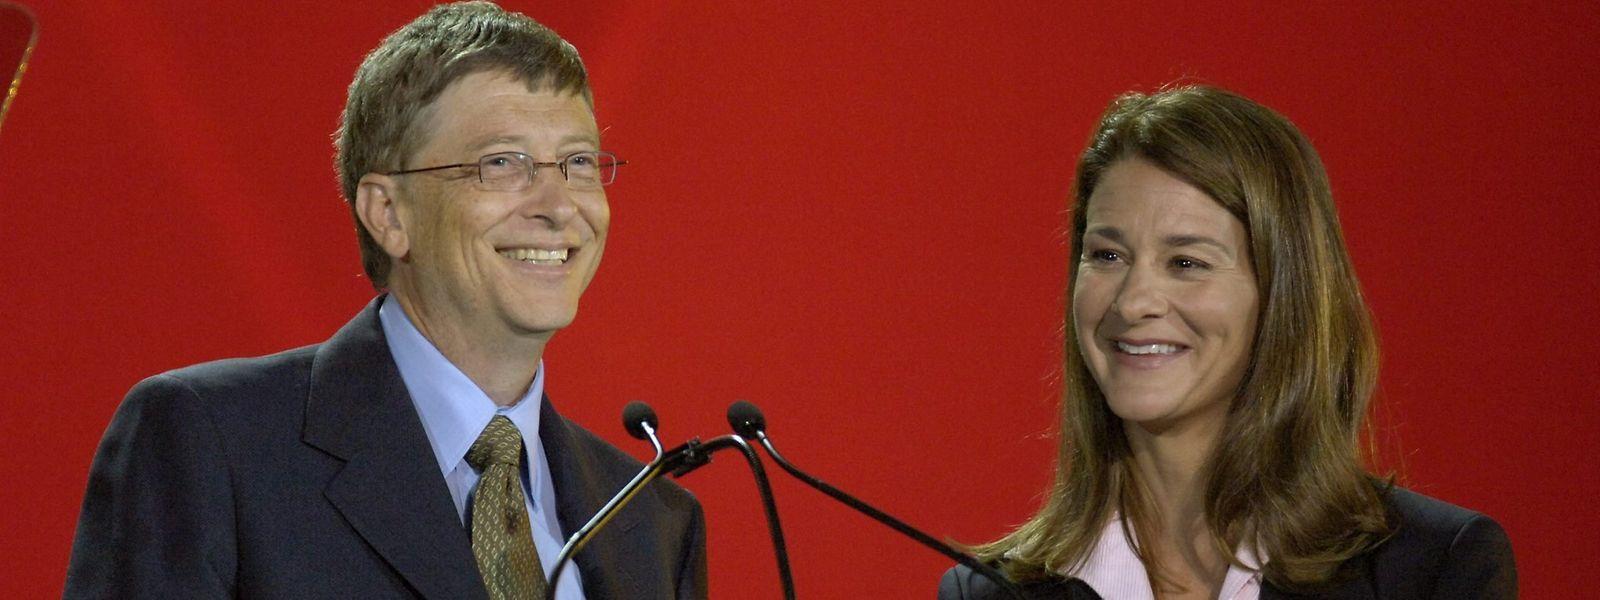 2006, Kanada, Toronto: Bill (l) und Melinda Gates eröffnen die 16. Internationale AIDS-Konferenz im Rodgers Centre.